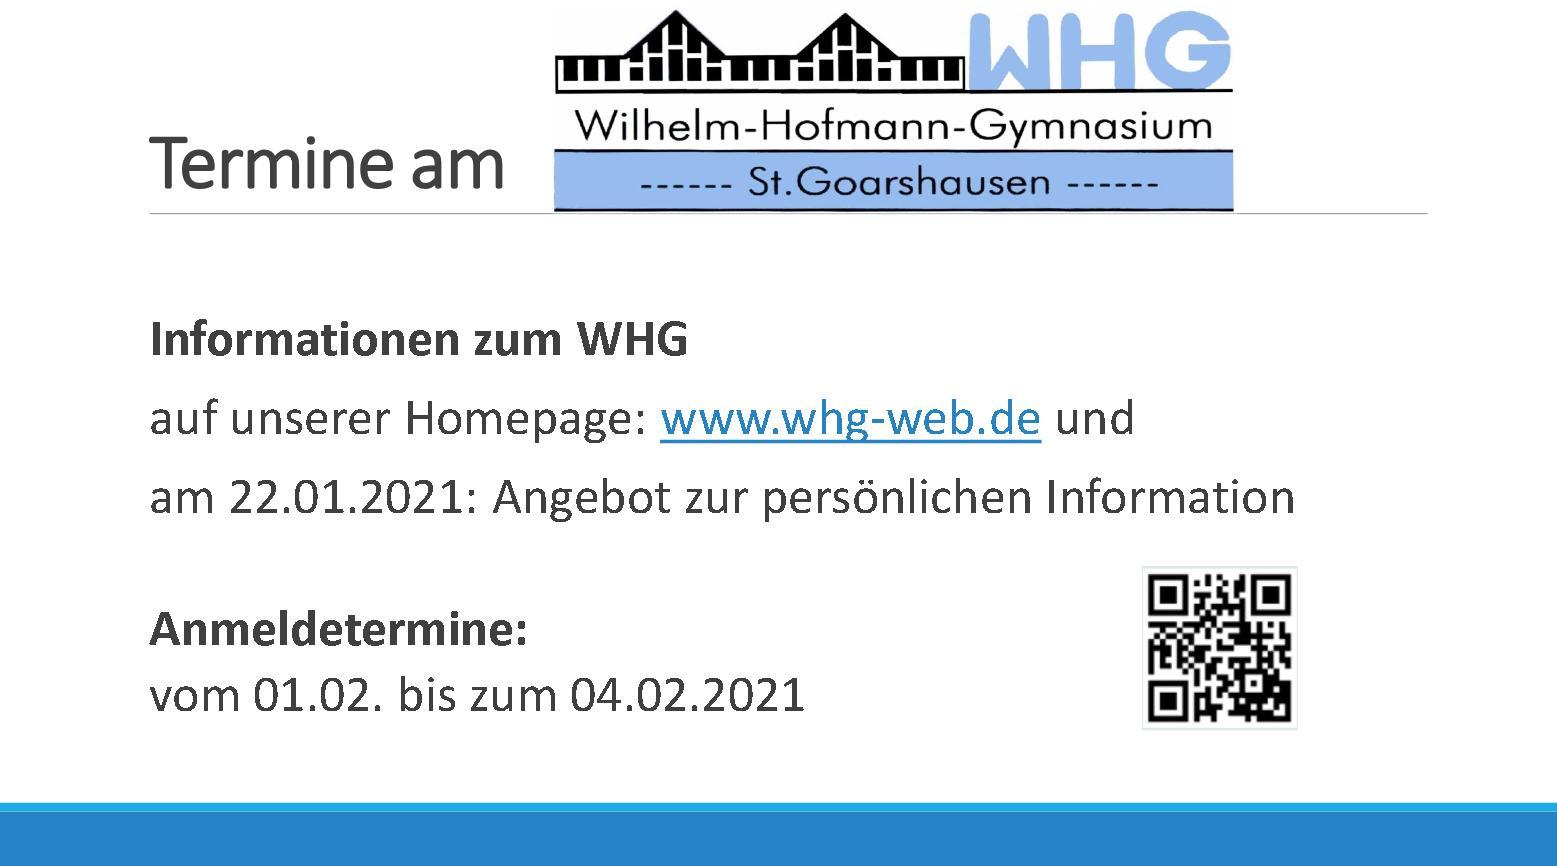 WHG Infos